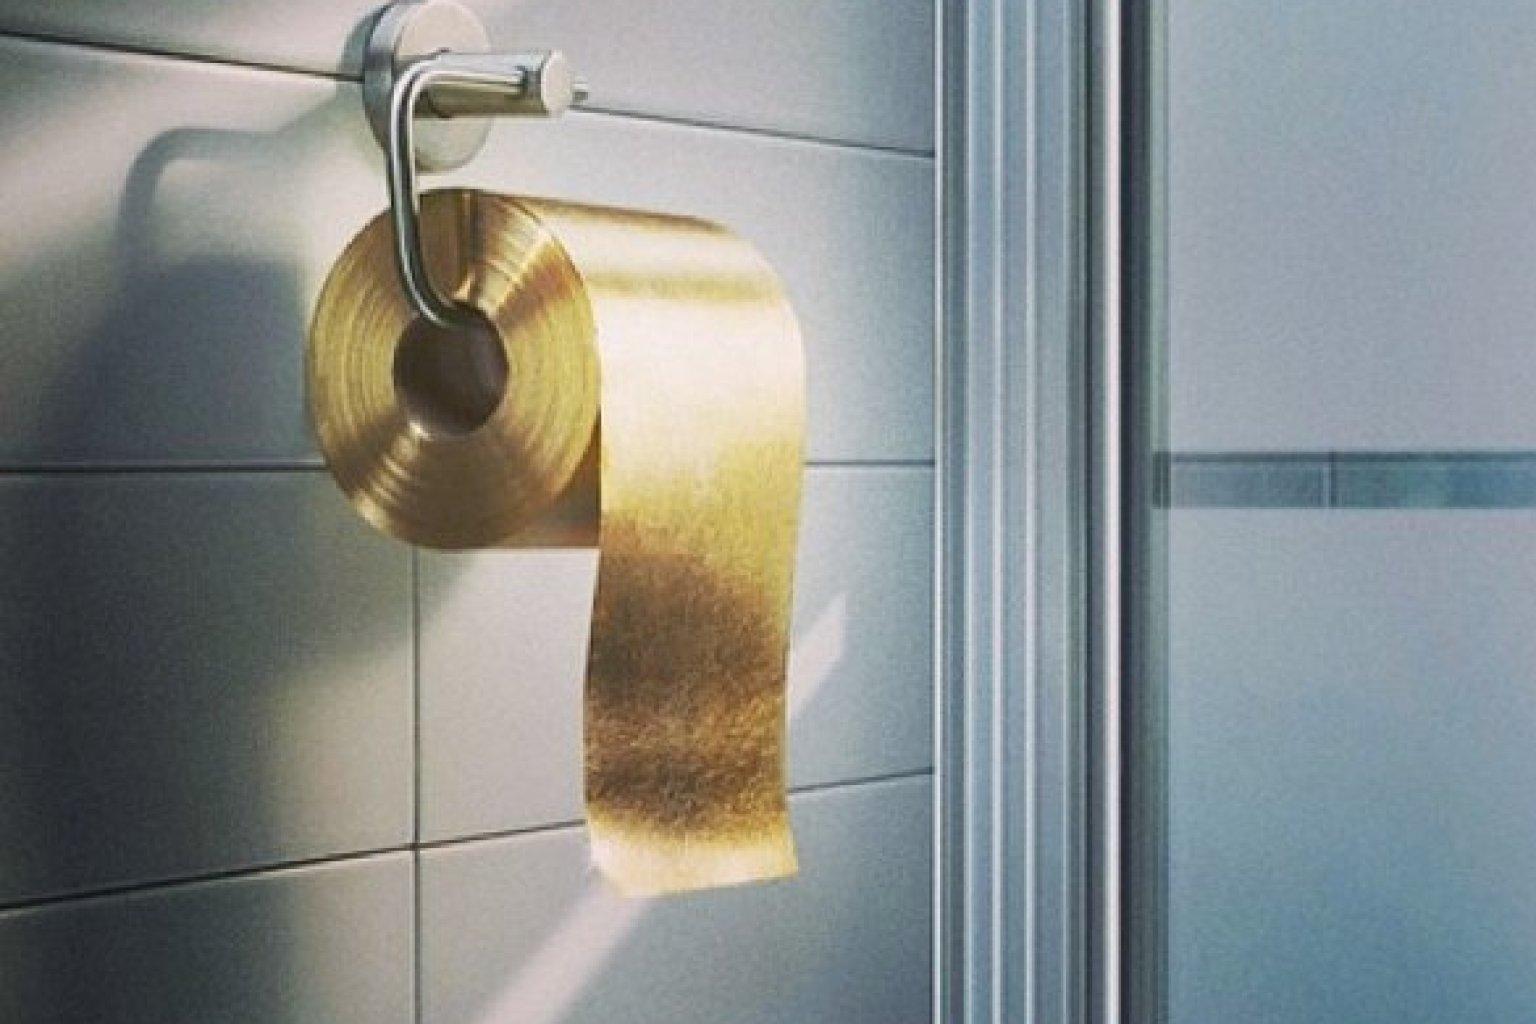 L'achat d'or papier est-il équivalent à l'achat d'or physique ?